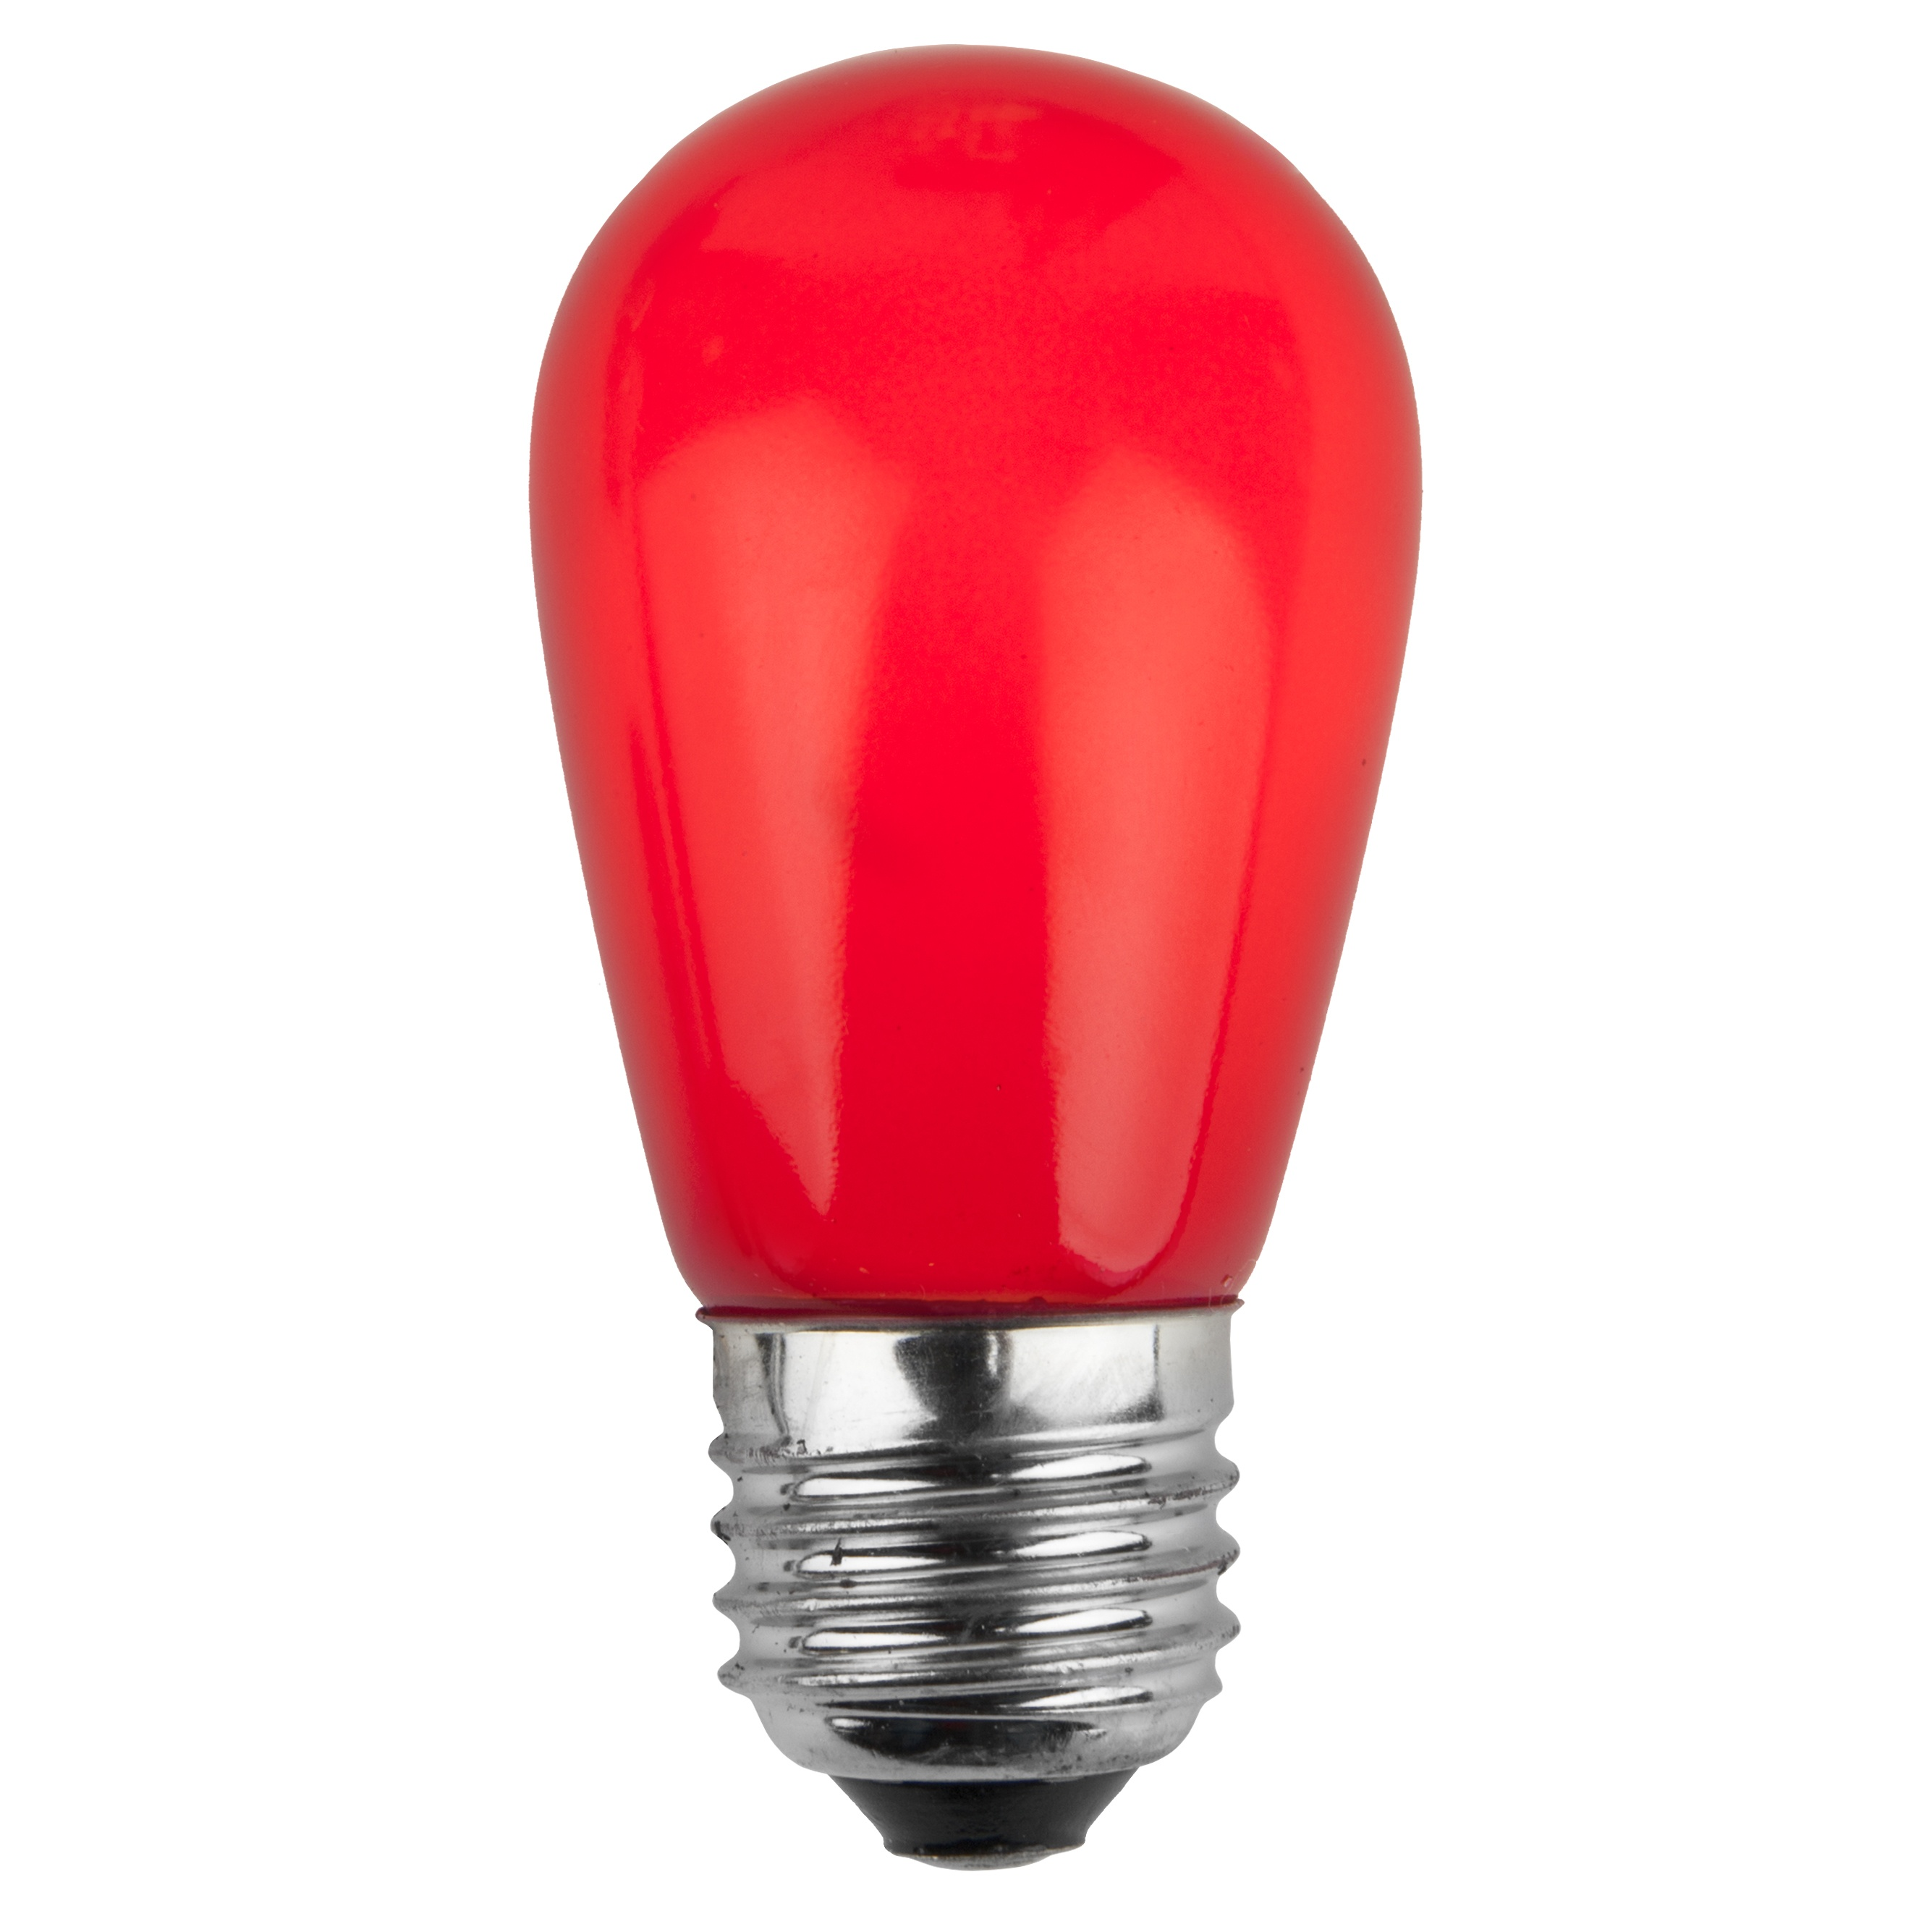 Christmas Lights S14 Opaque Red 11 Watt Replacement Bulbs